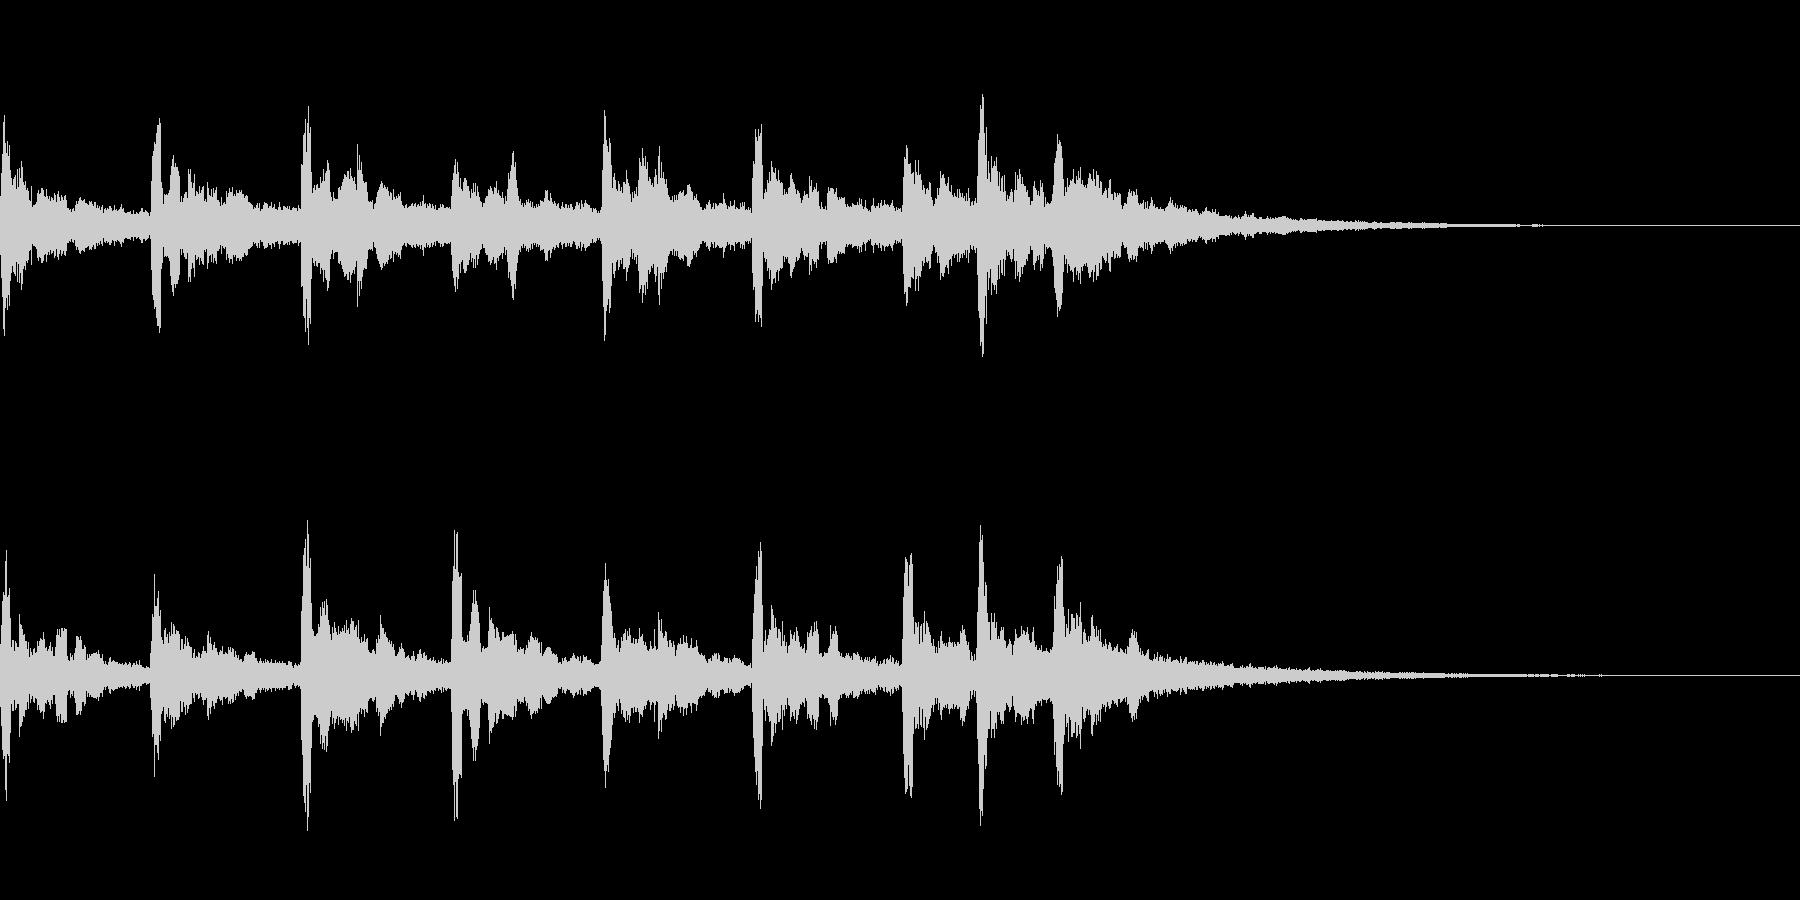 スペイシーなサウンドロゴの未再生の波形